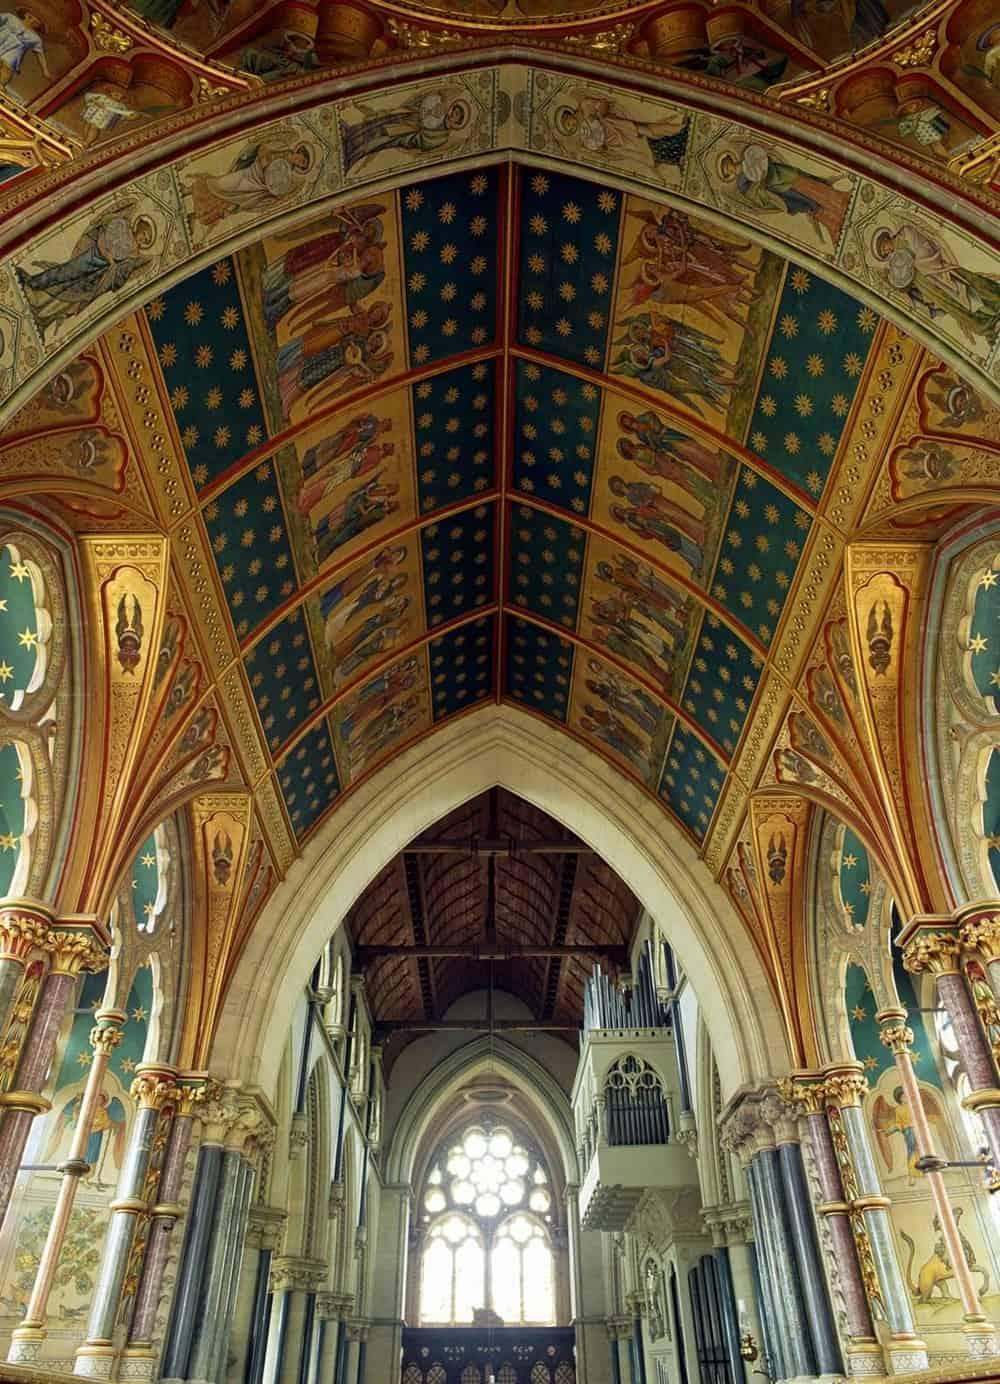 Saint Mary's Church, England – beautiful ceiling